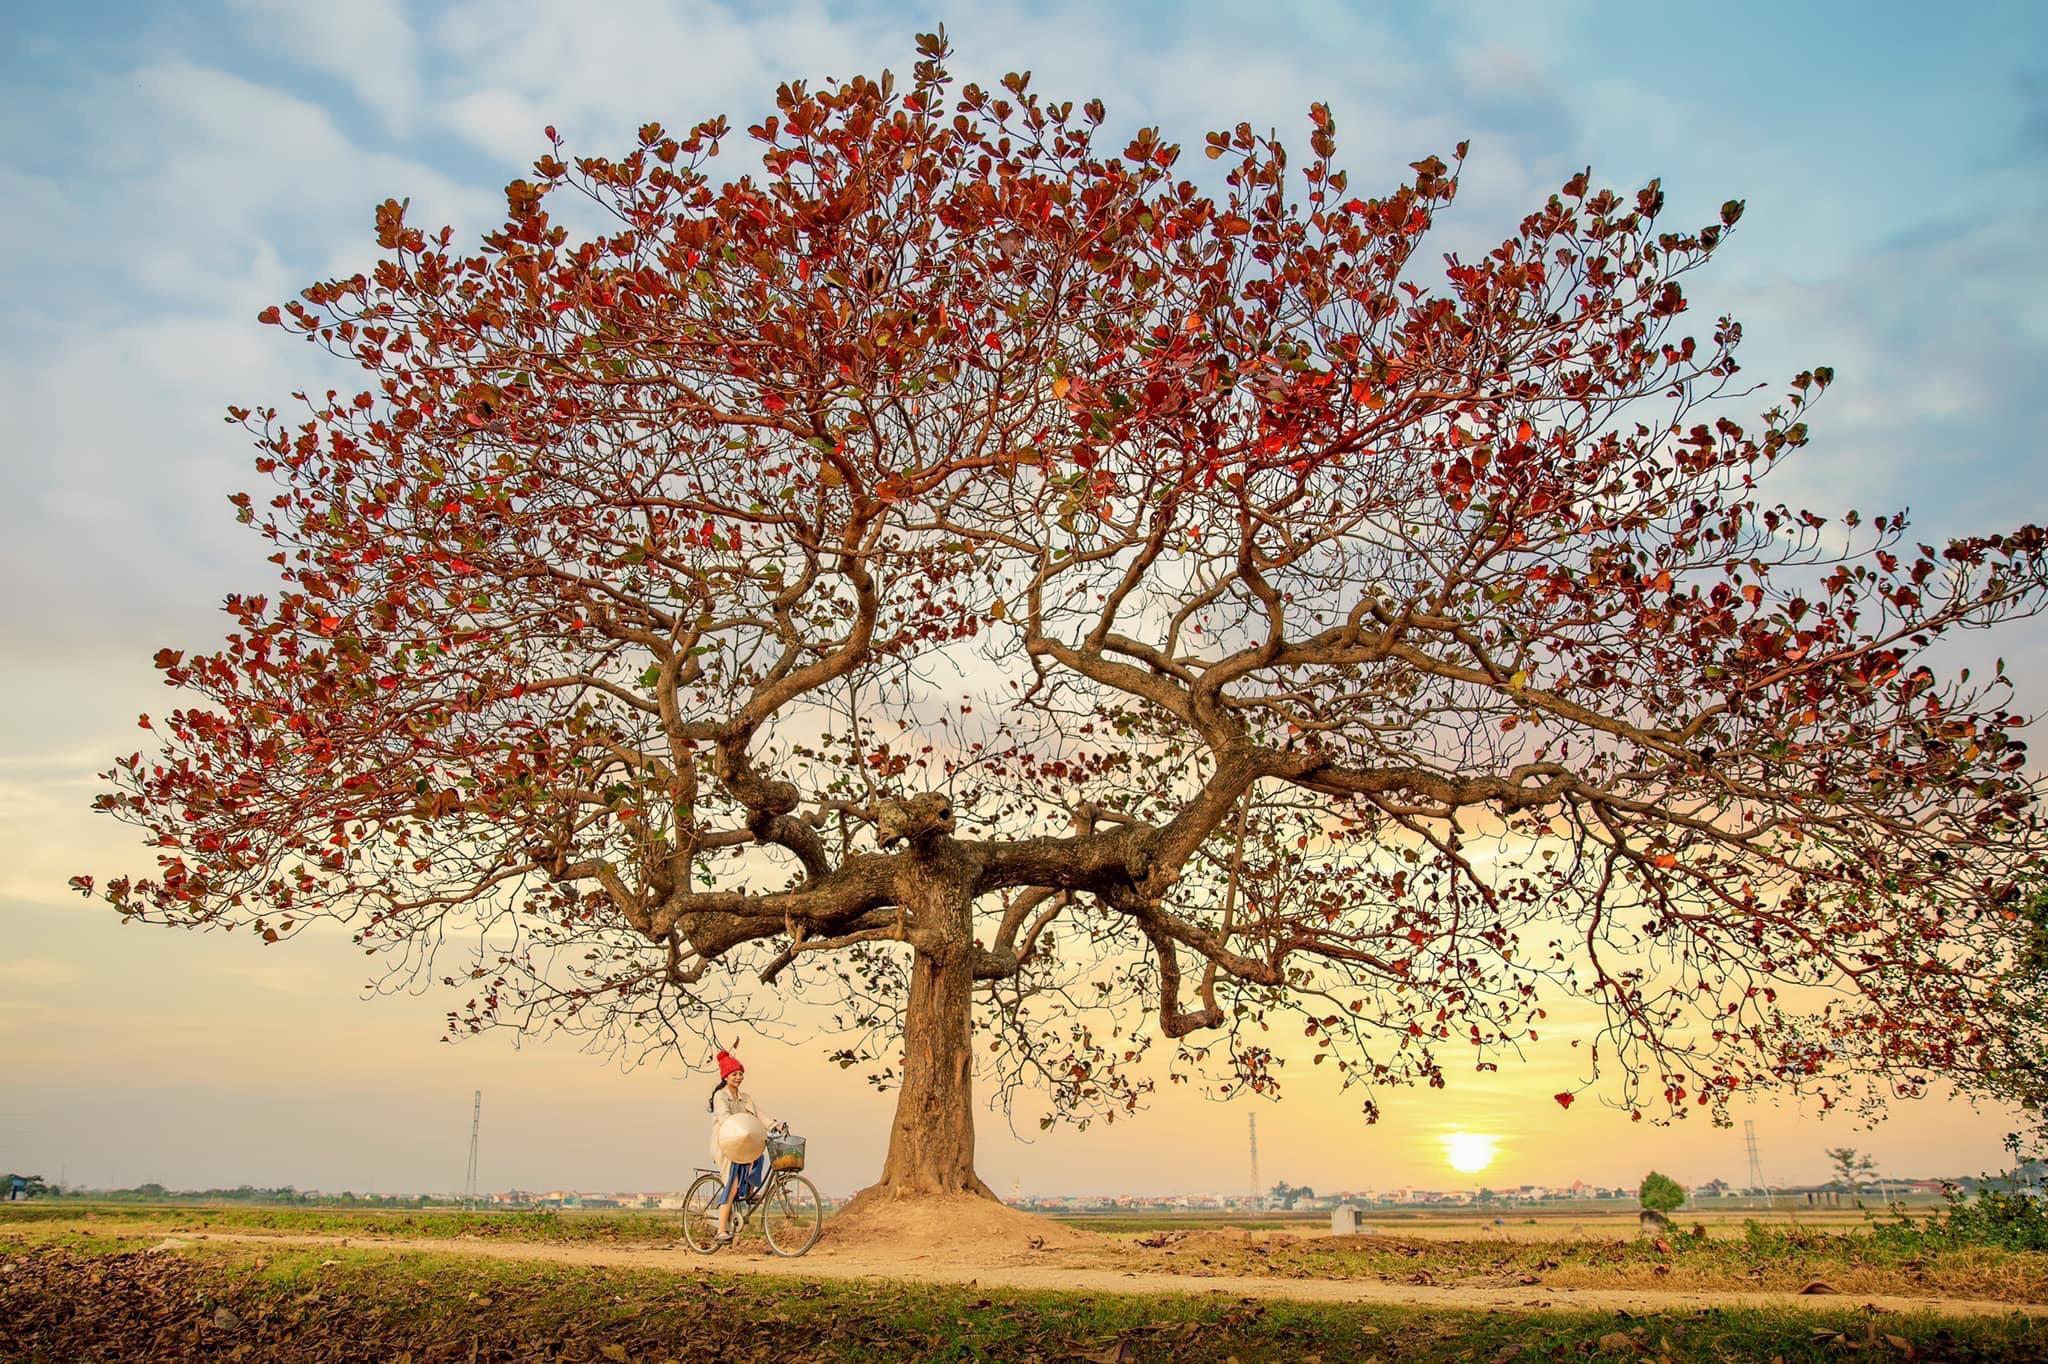 Ảnh cây bàng mùa lá rụng